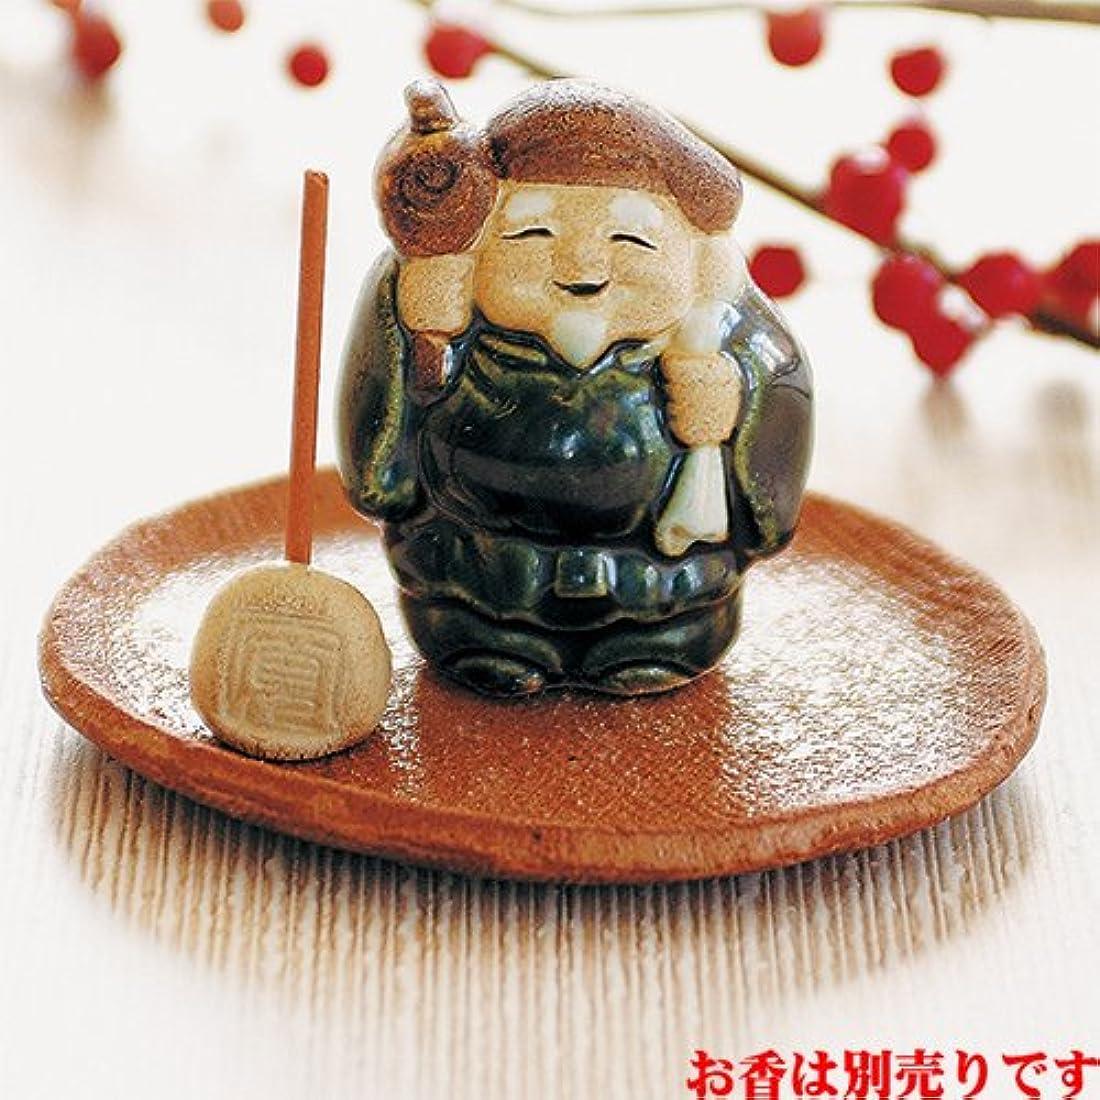 香皿 七福神 香皿 大黒天 [R9.5xH7cm] HANDMADE プレゼント ギフト 和食器 かわいい インテリア